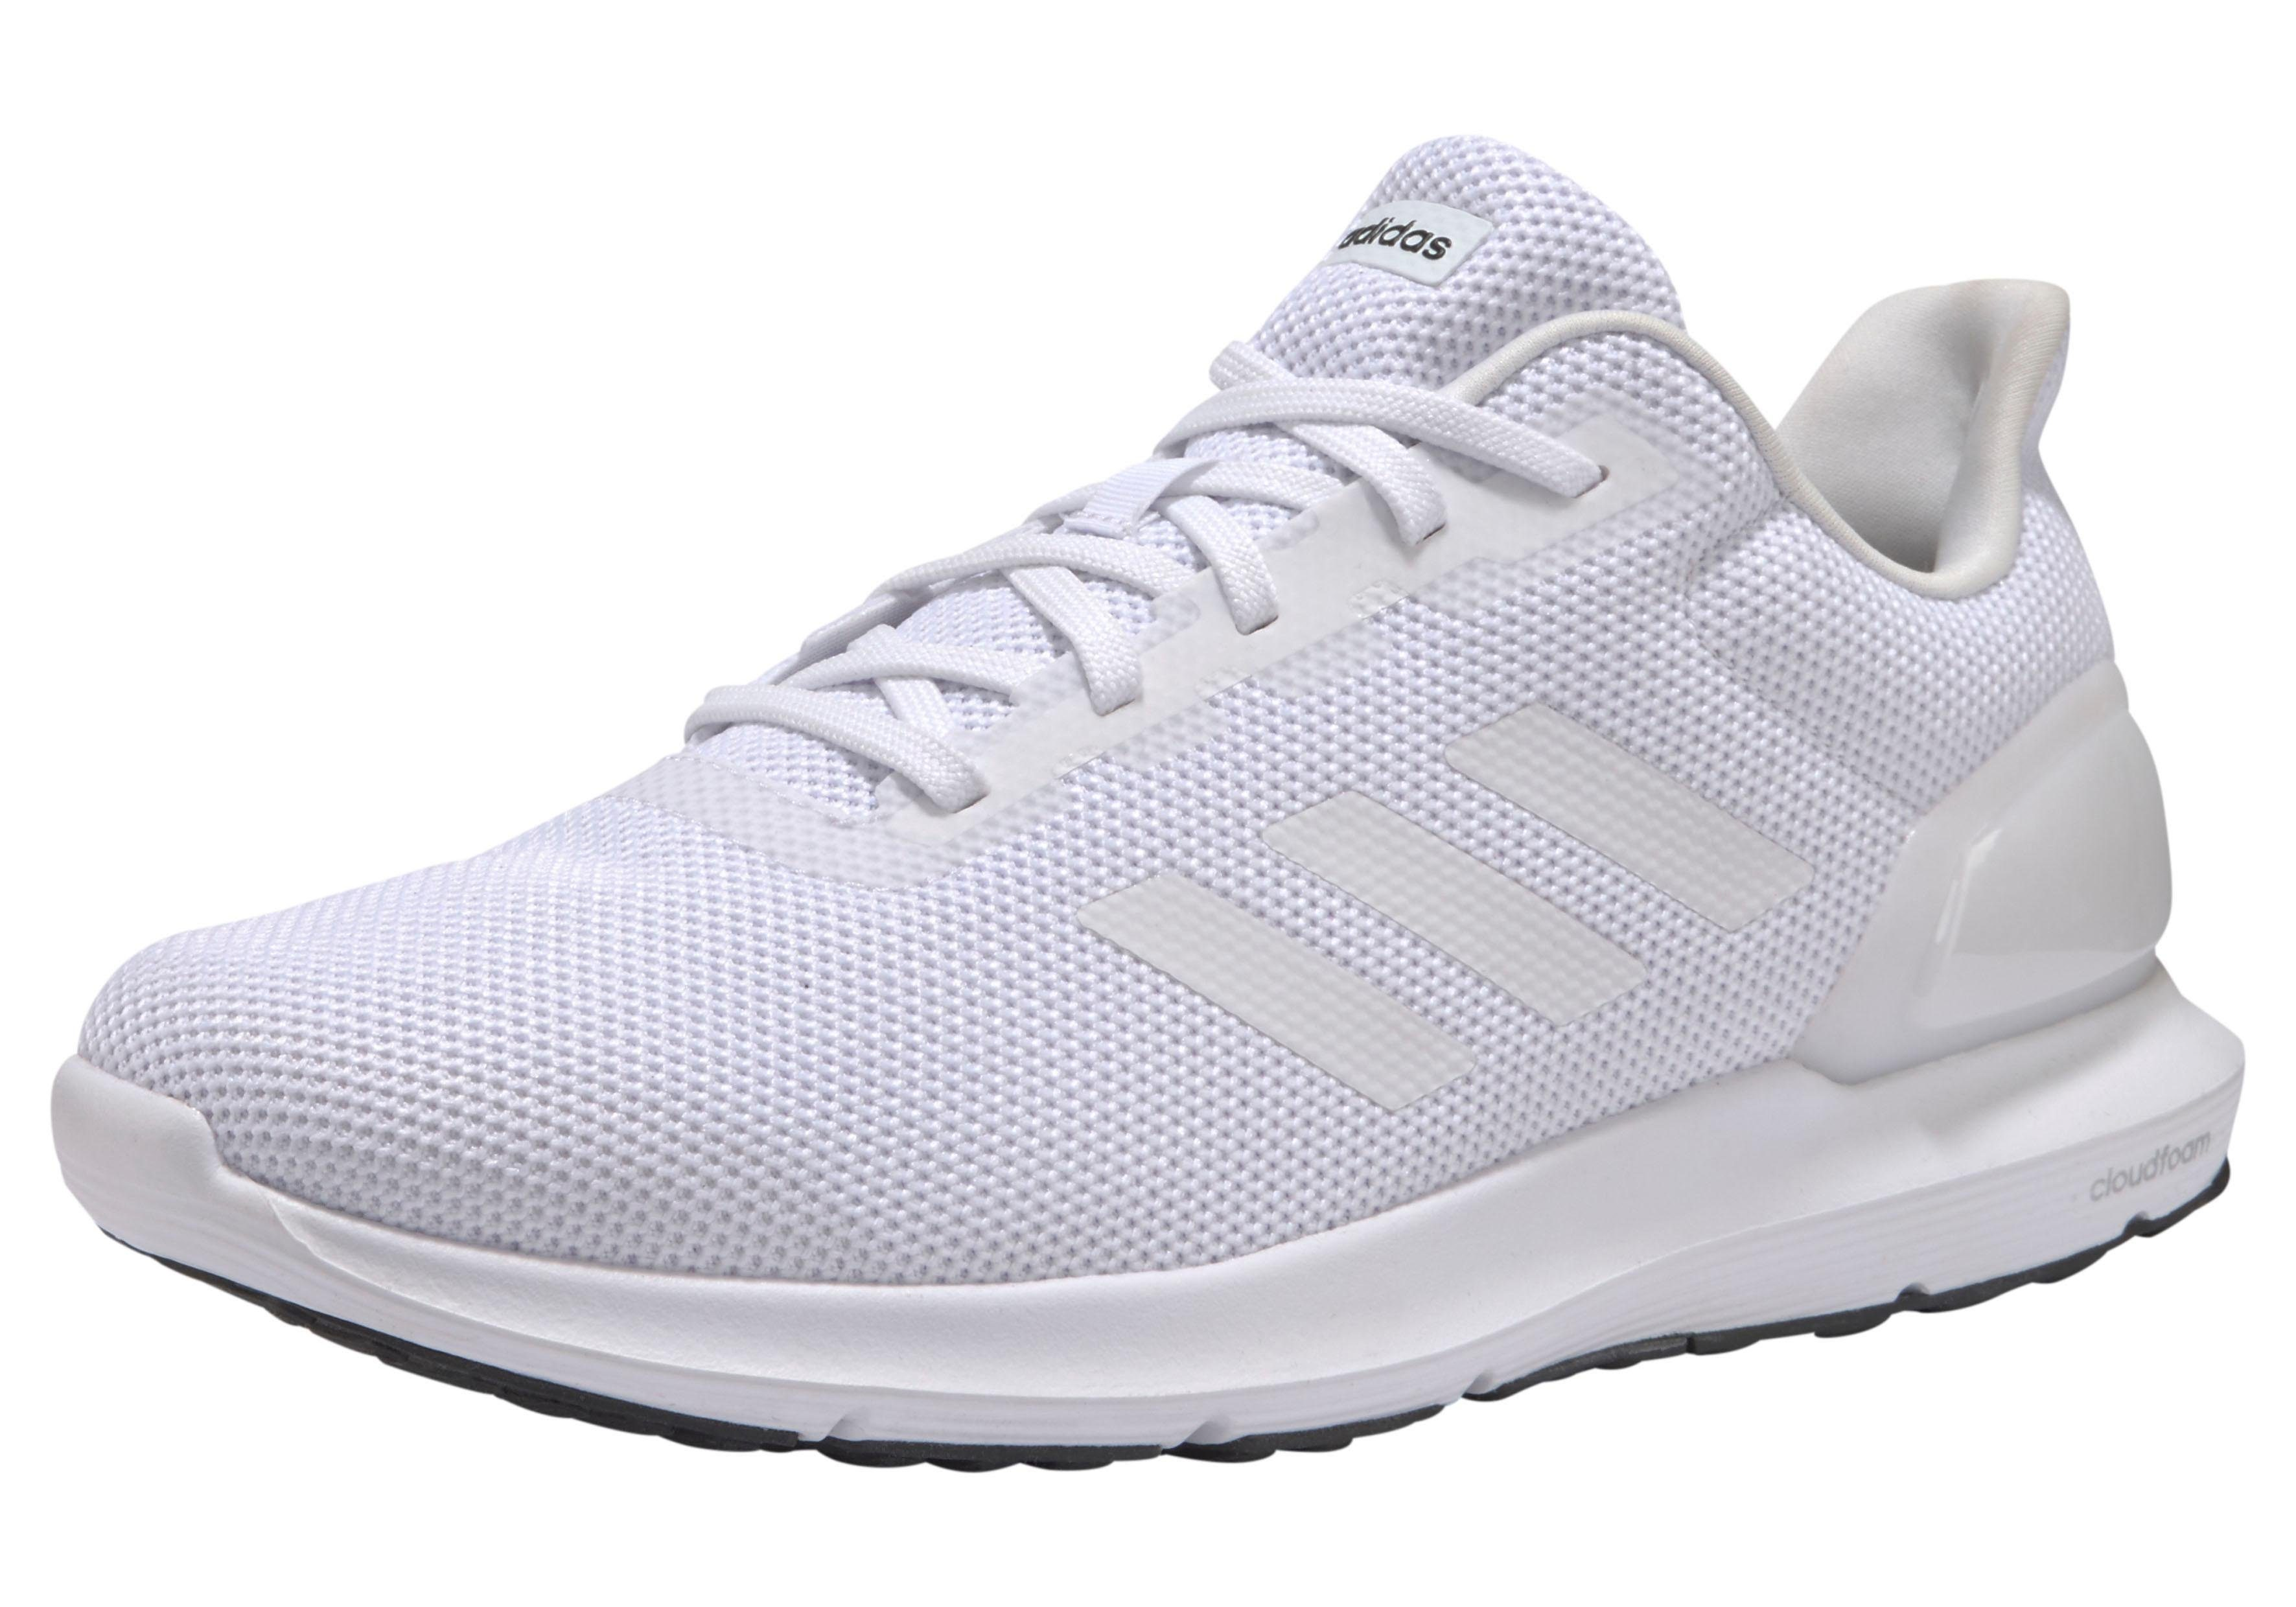 adidas »COSMIC 2 M1« Laufschuh online kaufen | OTTO